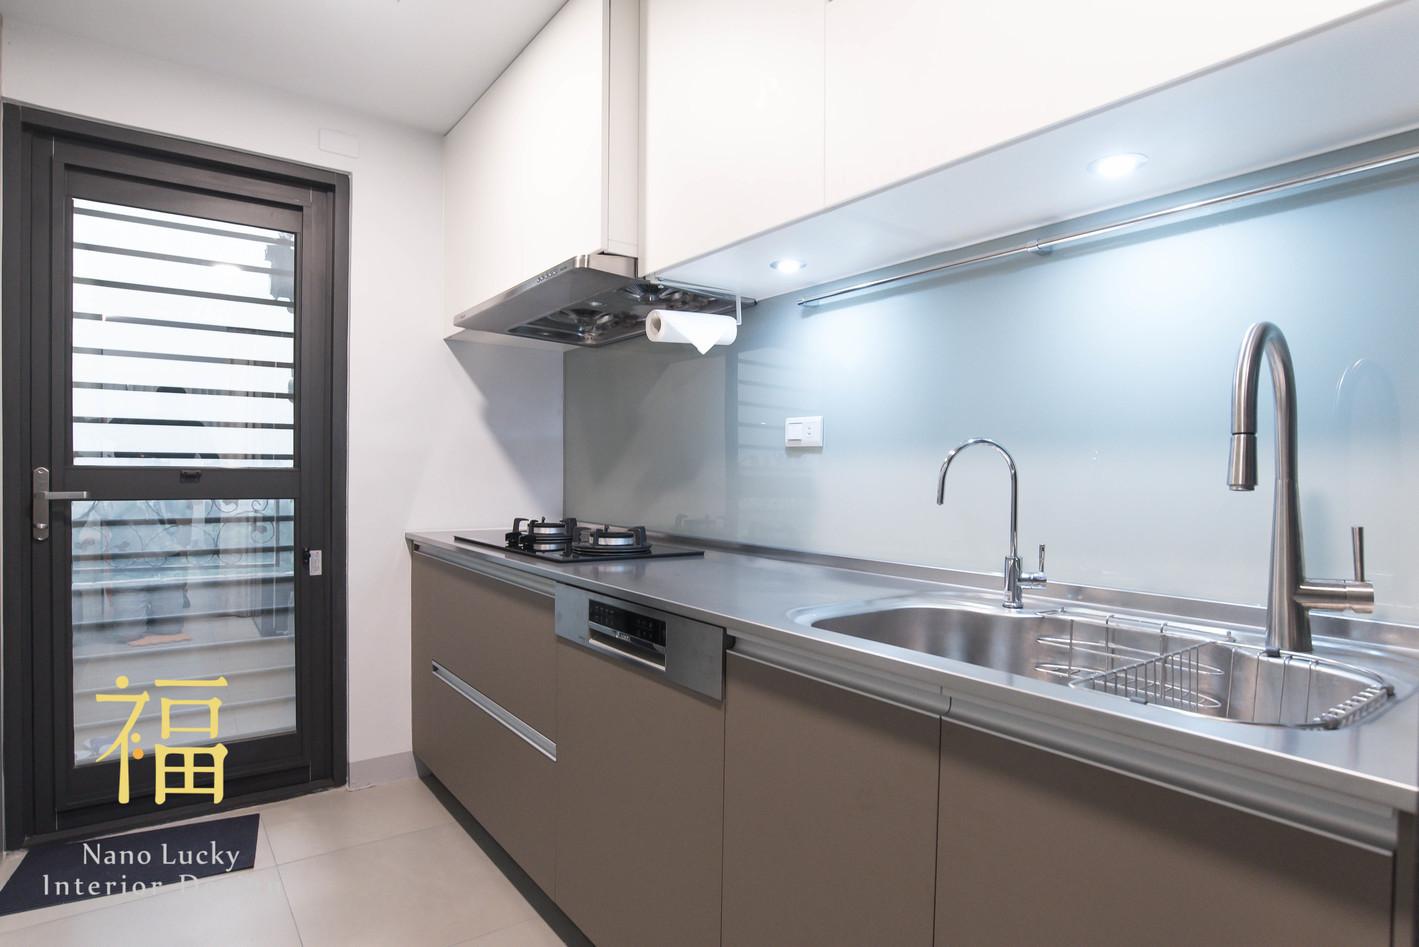 Nanolucky小福砌空間設計-陽光花園鍾宅-公寓住宅設計-日系簡約風